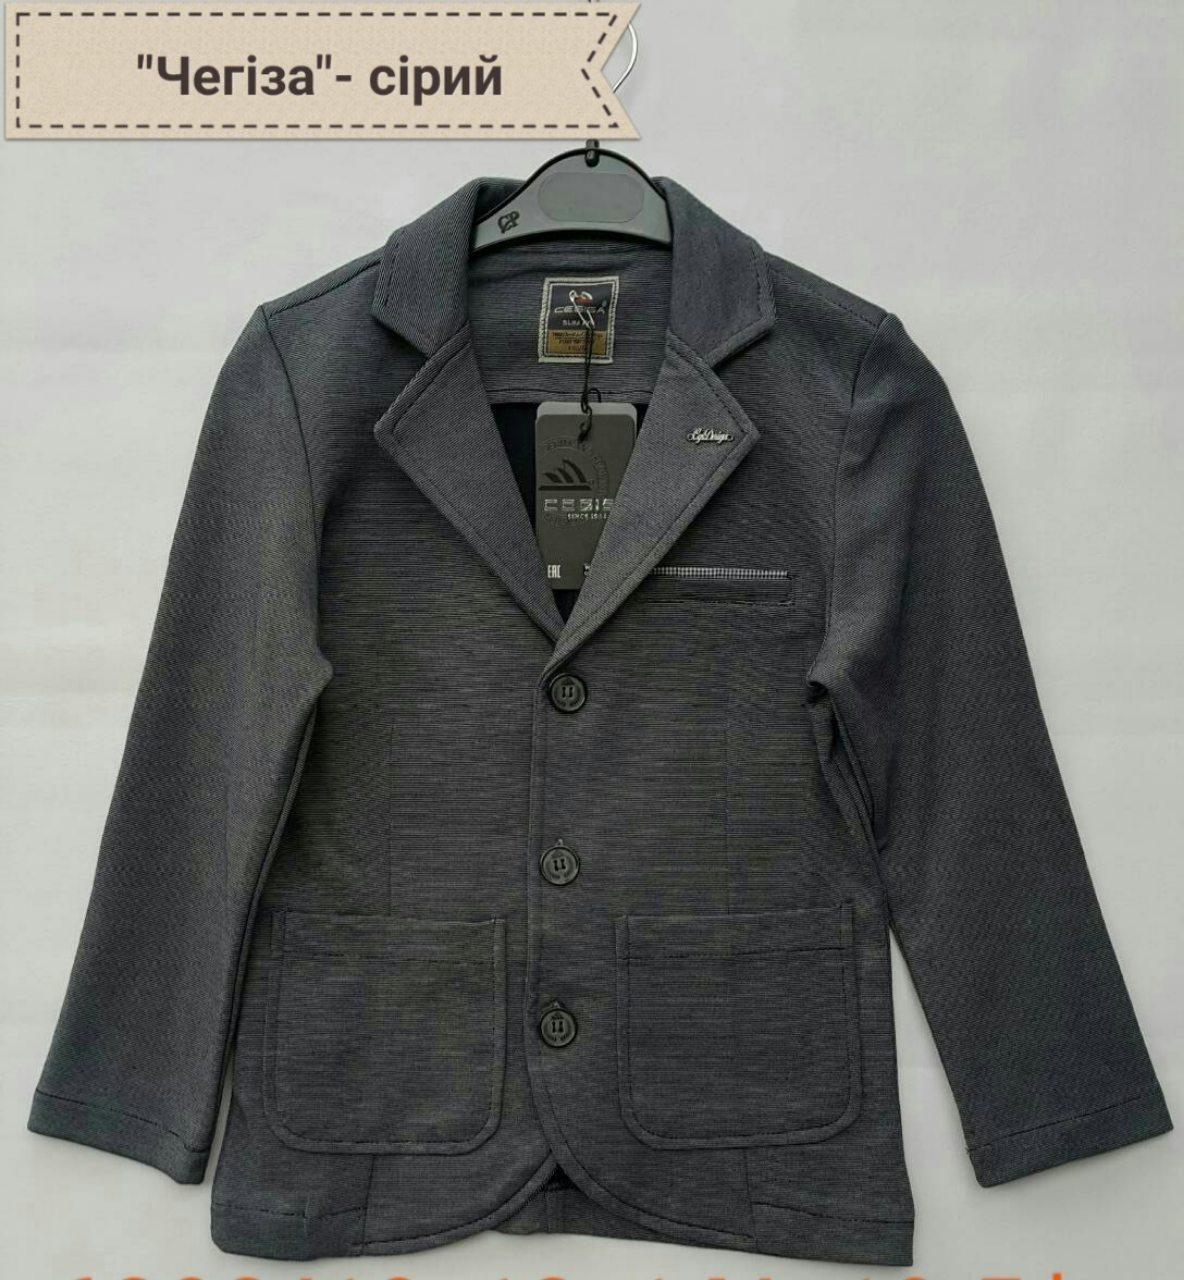 Трикотажный подростковый пиджак на мальчиков 140,152,158,164,170 роста Чегиза